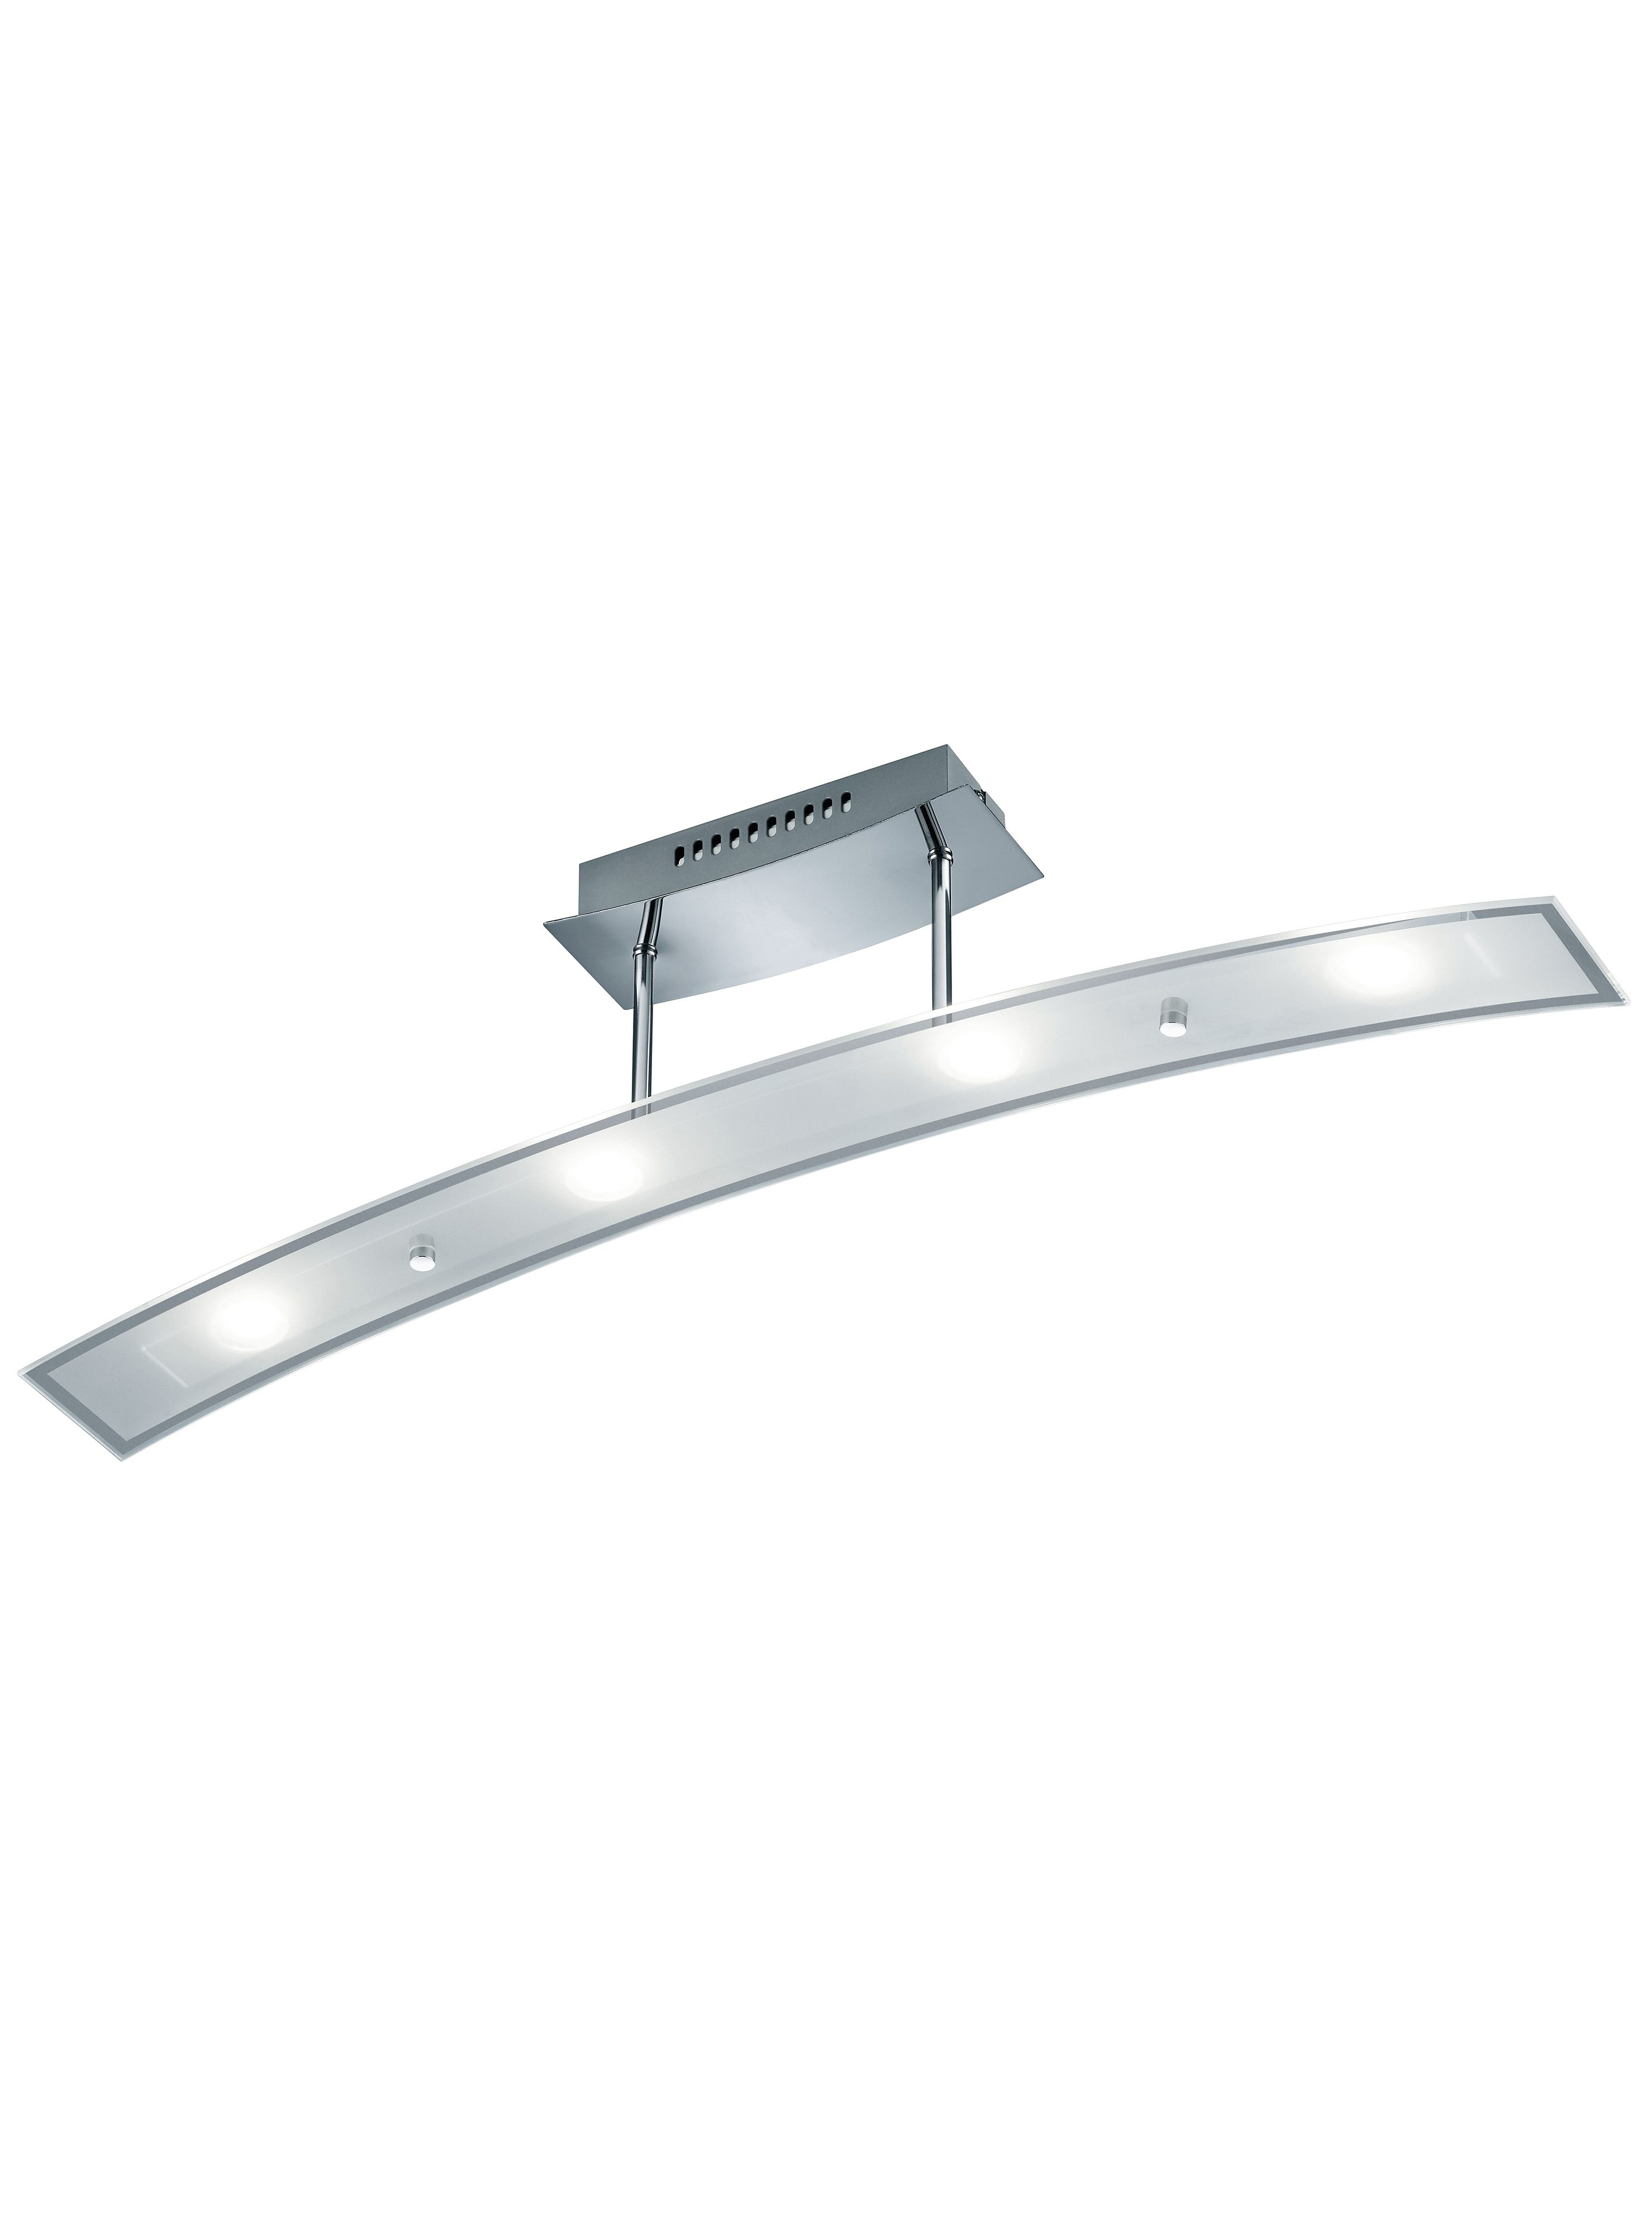 Trio LED-Deckenleuchte, 4flg., inkl. OSRAM-LED